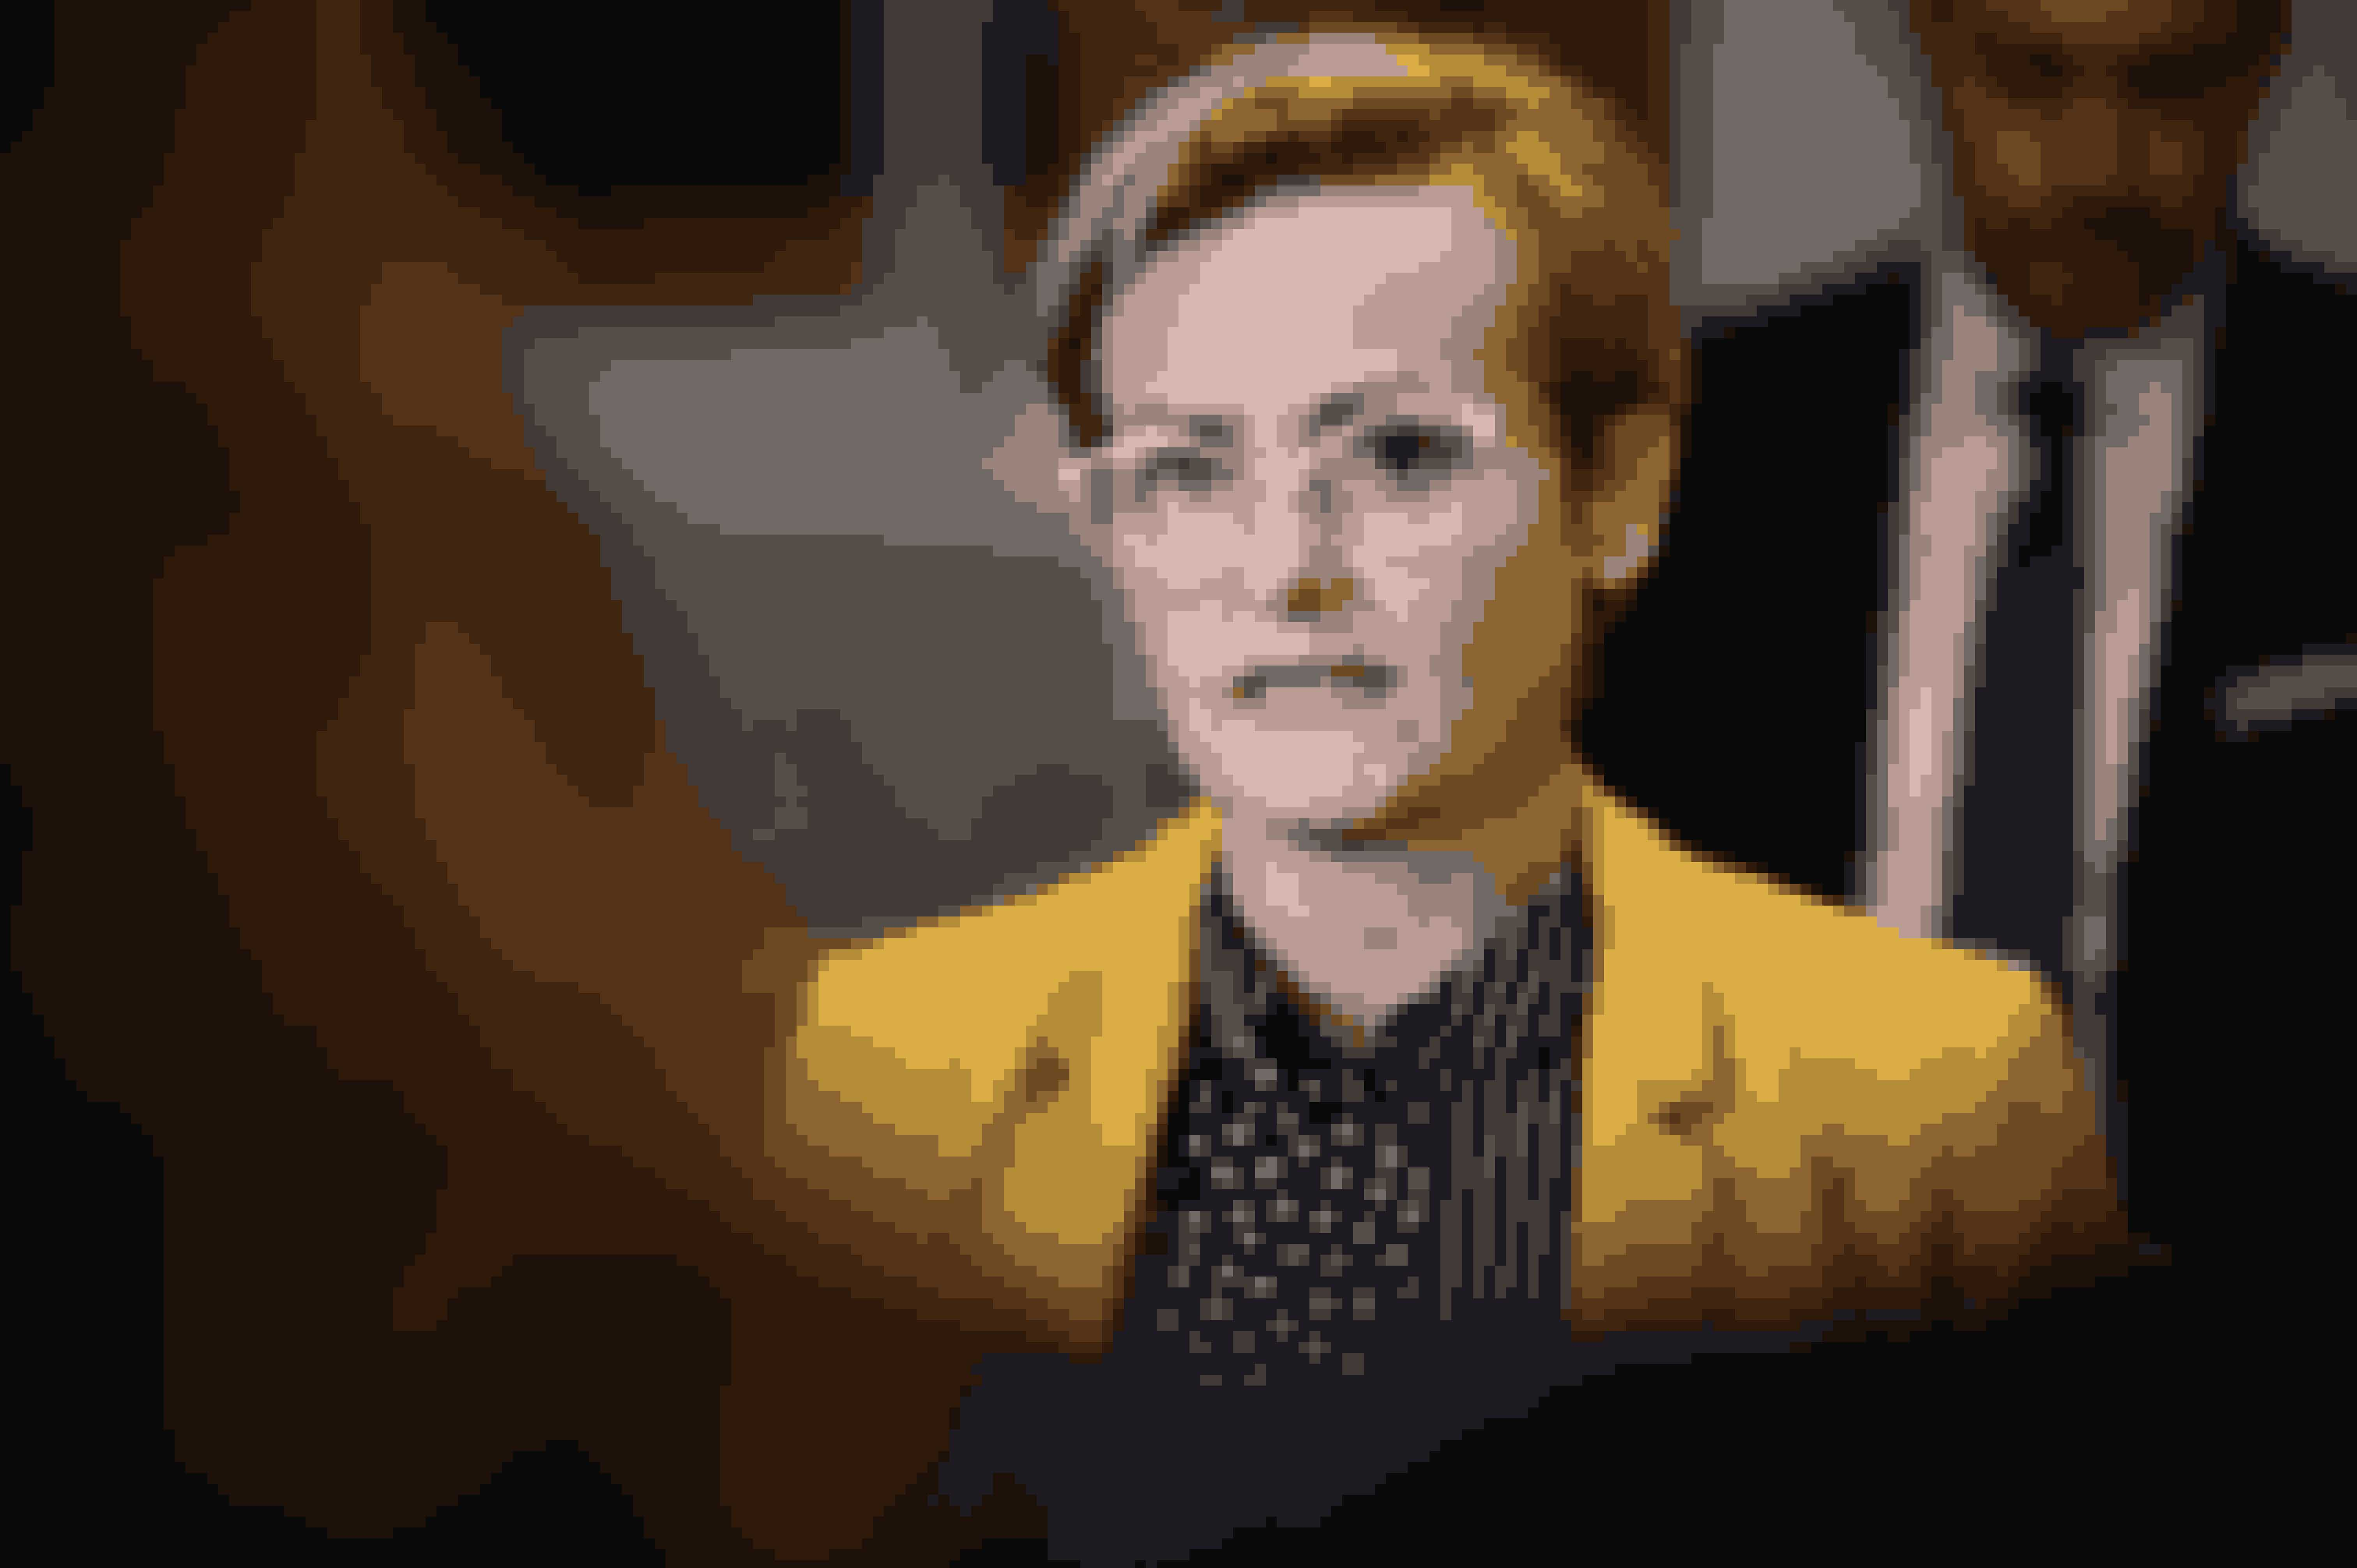 Børne- og undervisningsminister Pernille Rosenkrantz-Theil kastede i 1994 levende høns ned i folketingssalen – i protest mod nedskæringer. Hun blev dømt efter straffeloven, men slap for en dom for dyremishandling.